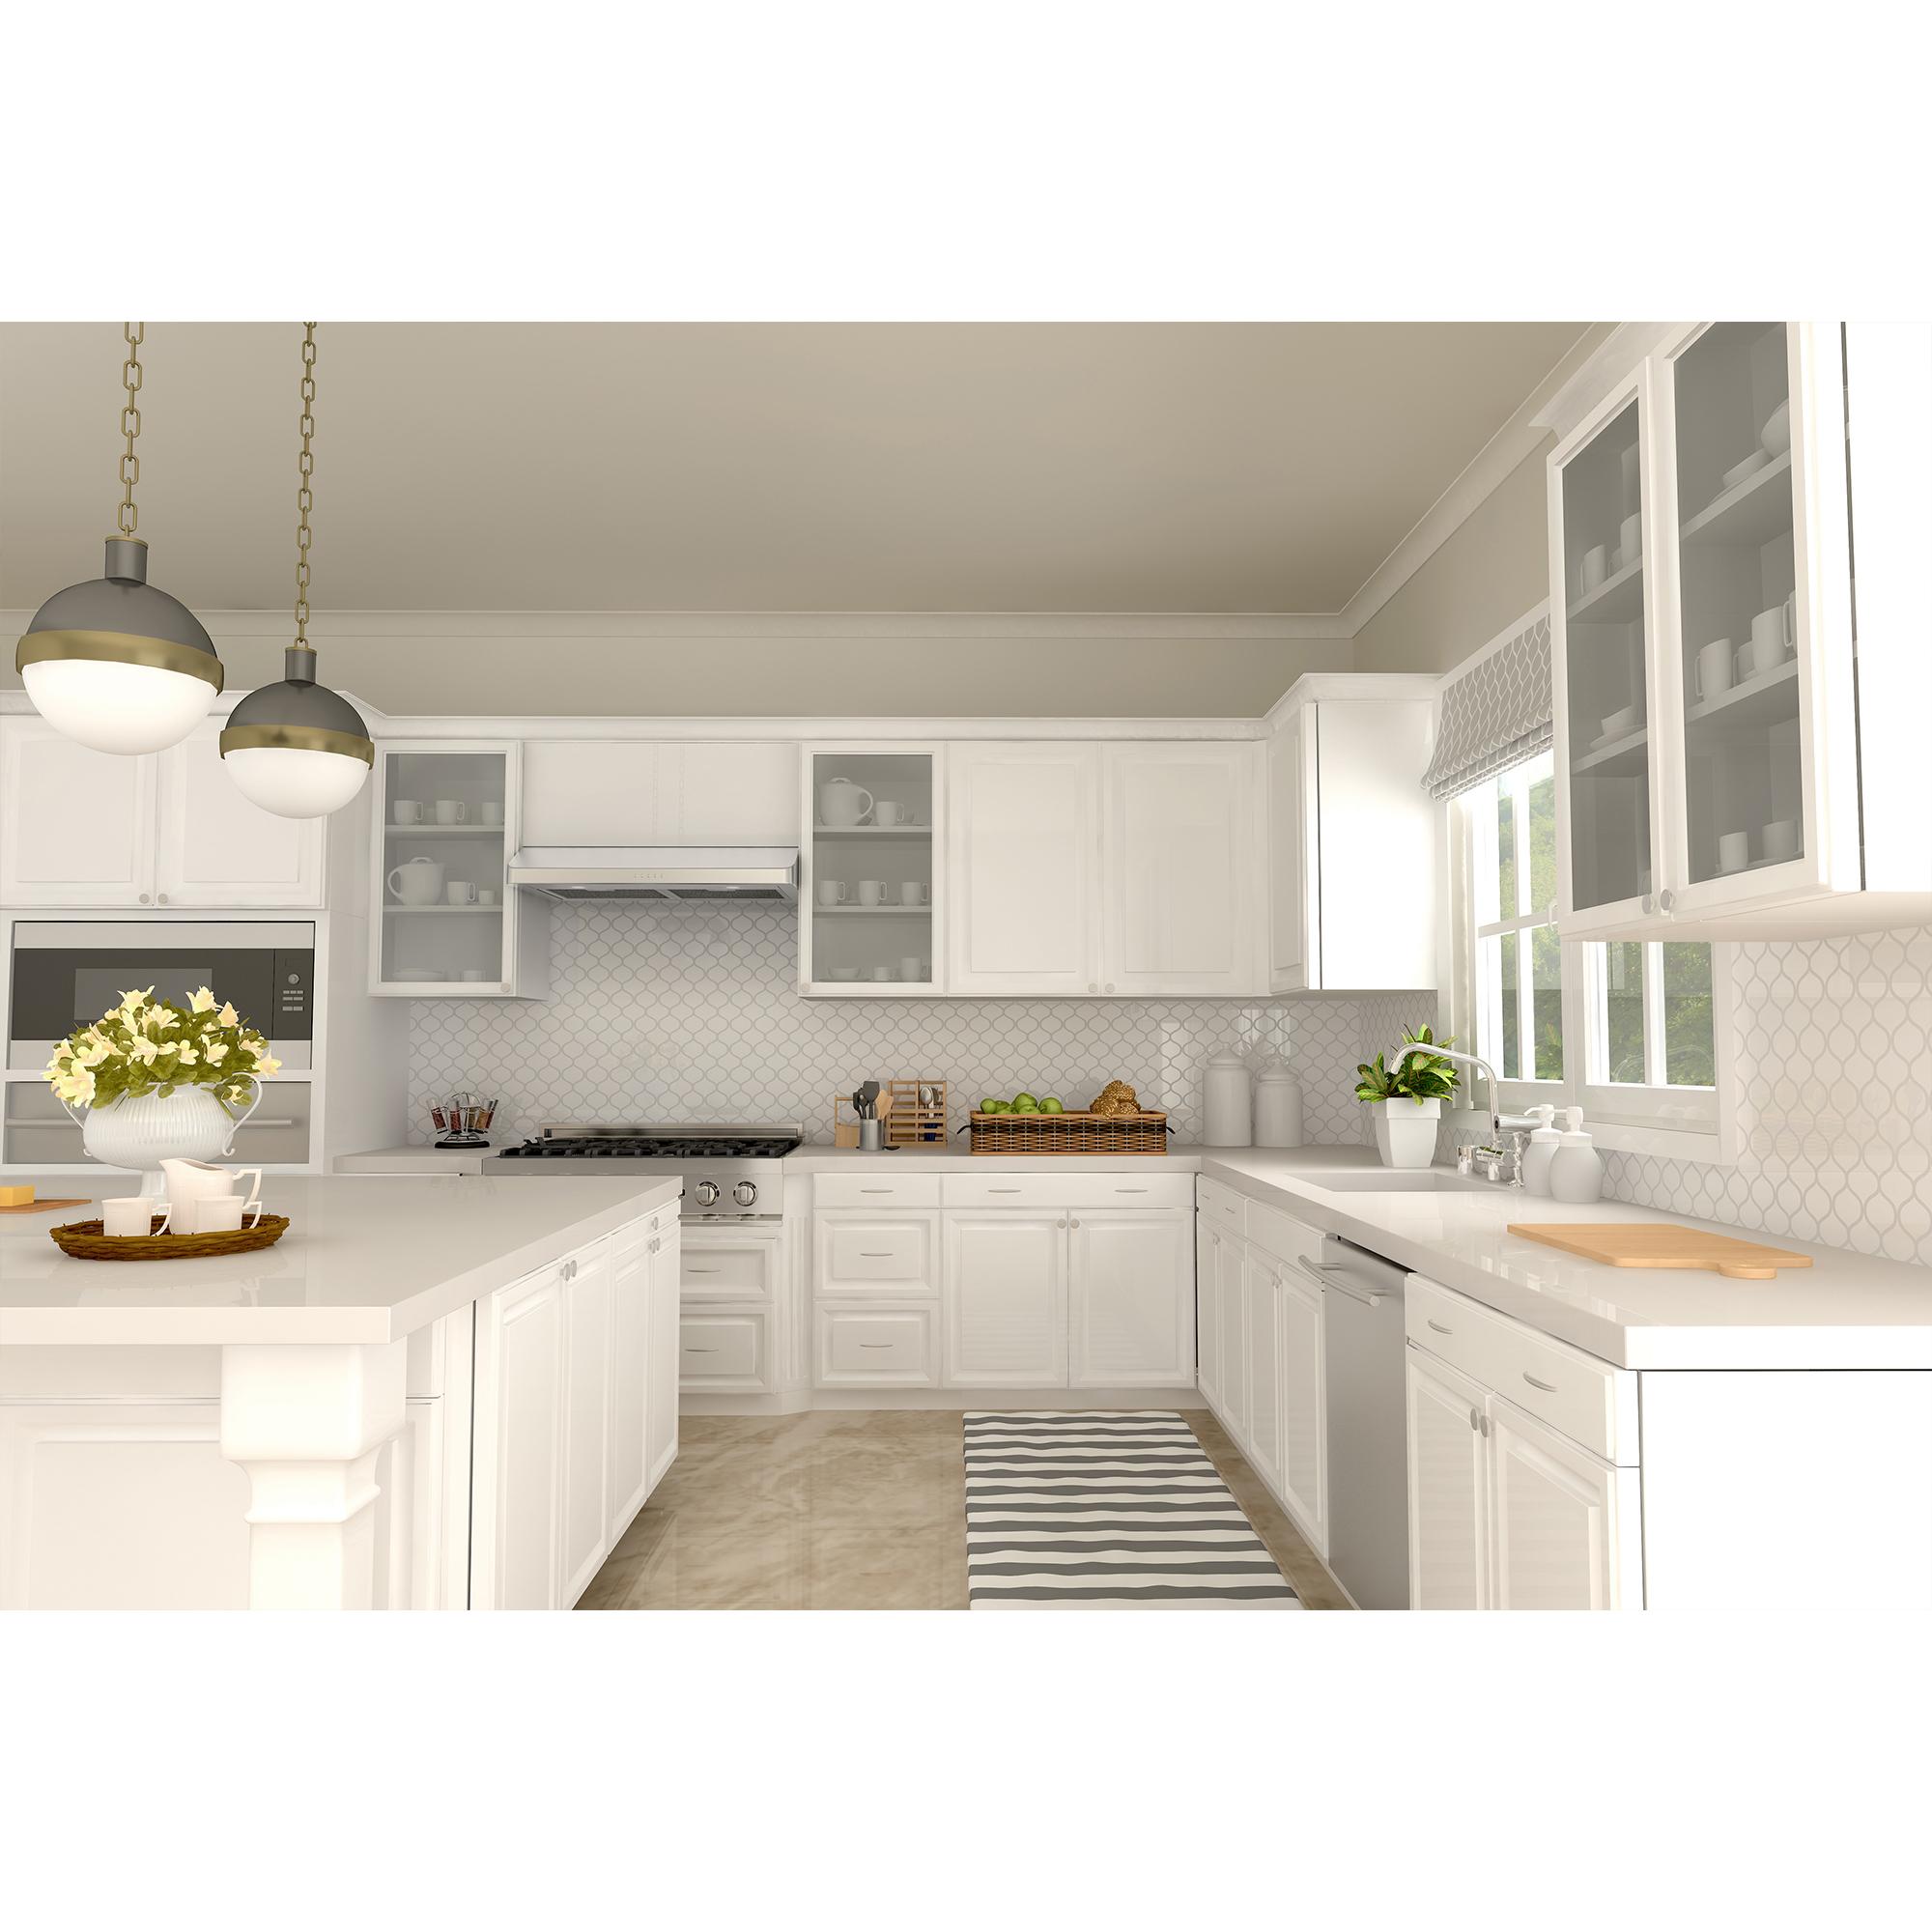 zline-stainless-steel-under-cabinet-range-hood-617-kitchen-updated.jpg